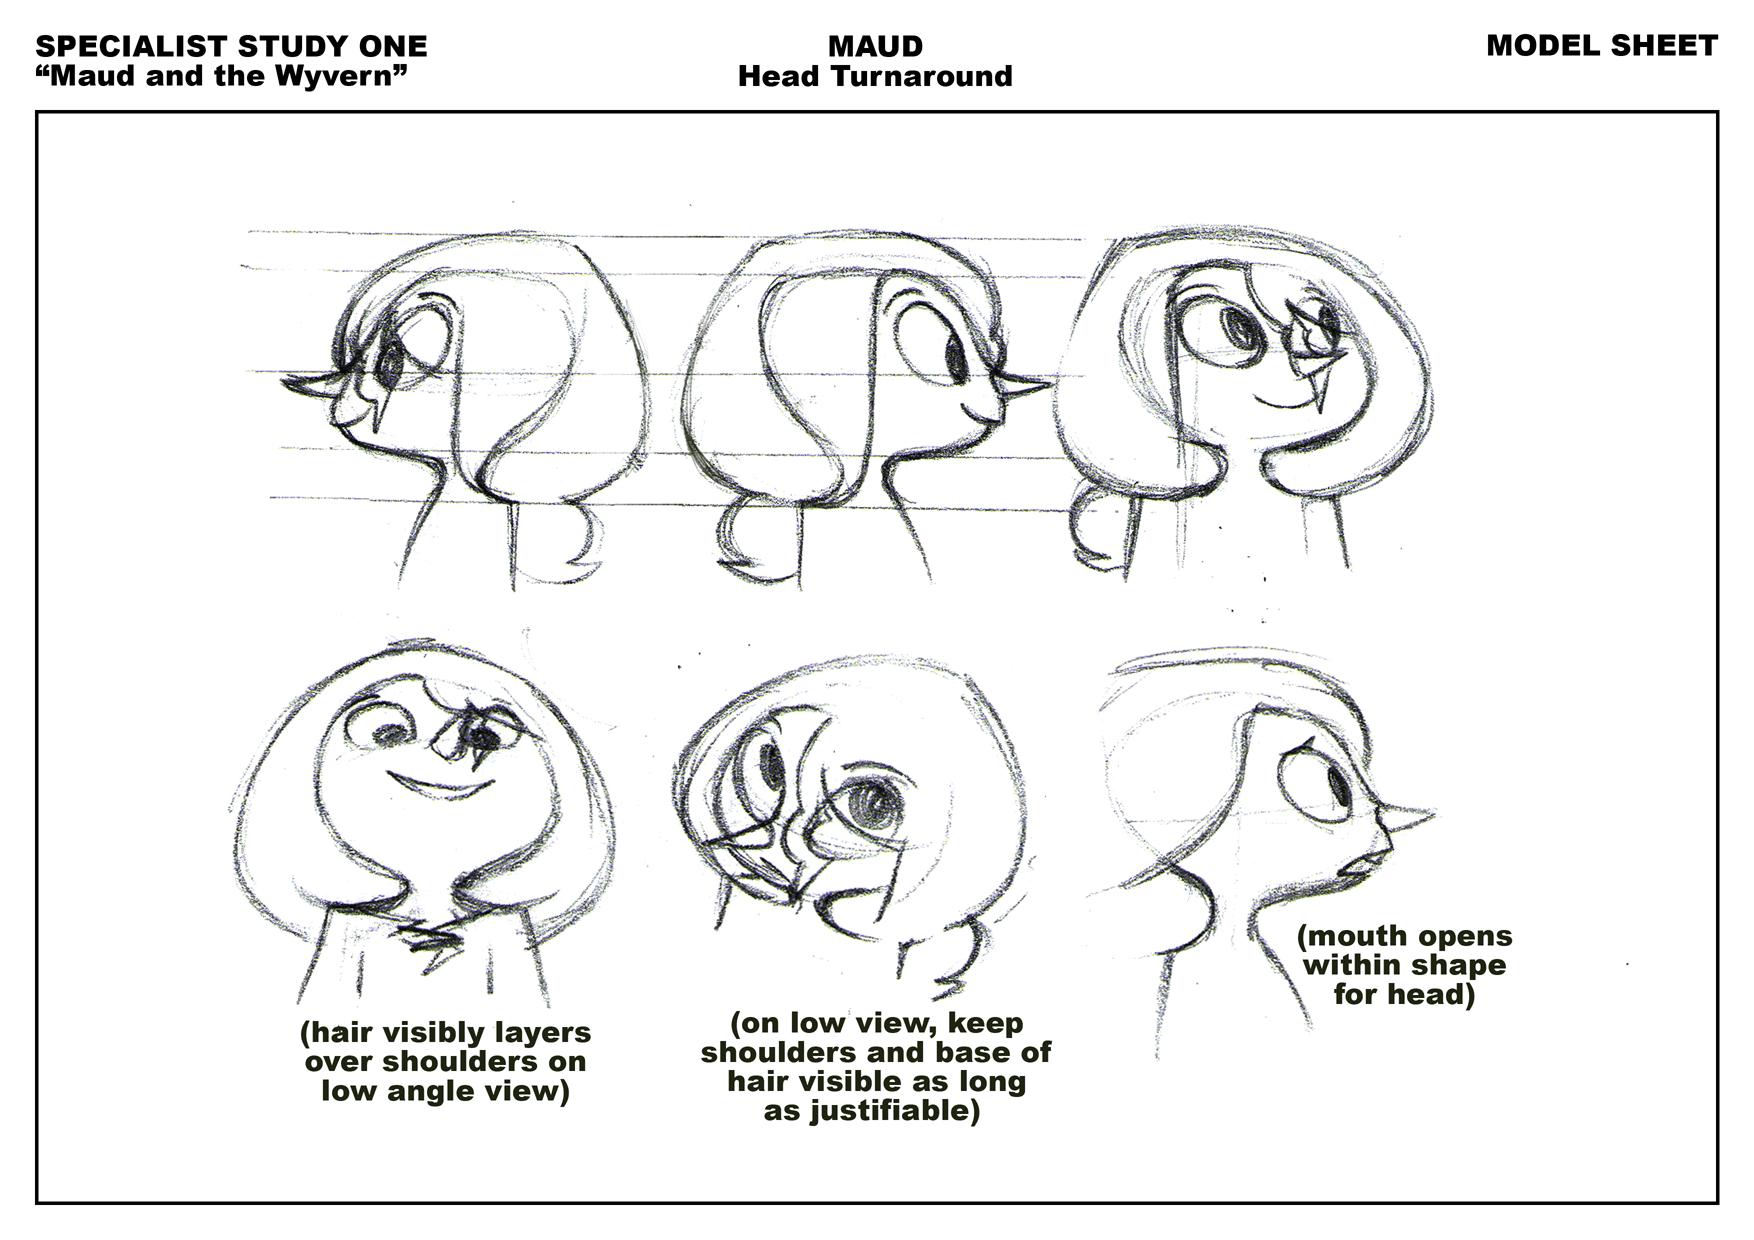 model sheet template